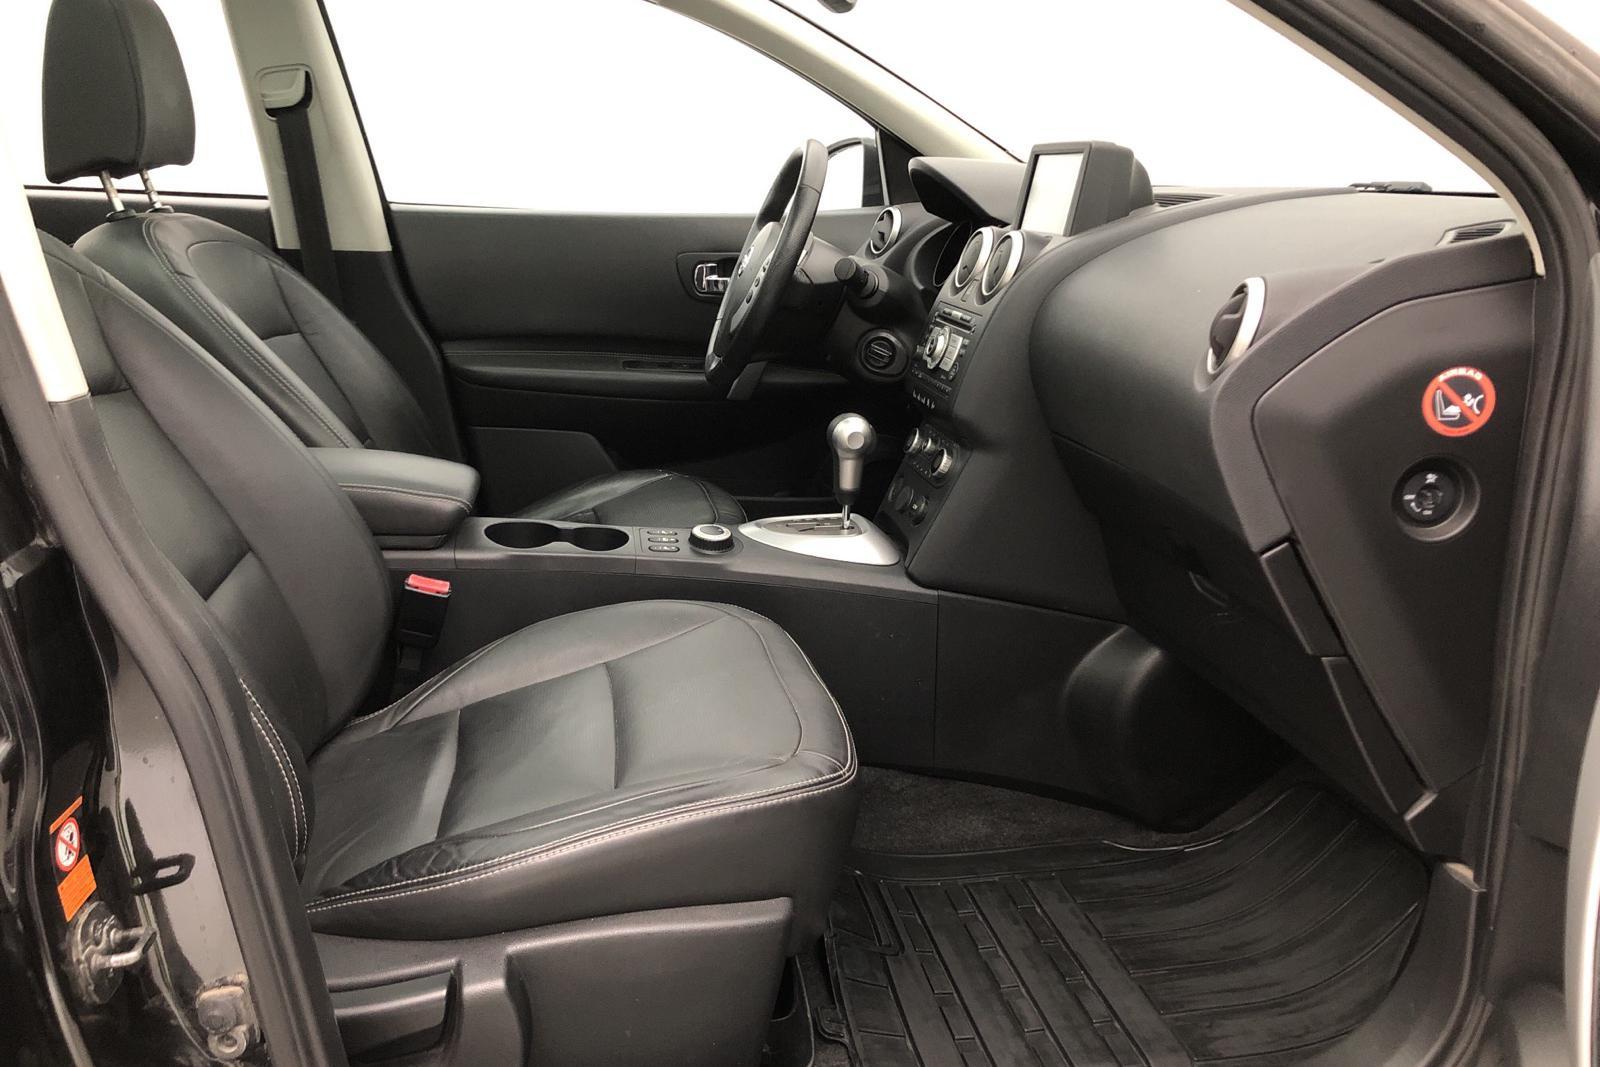 Nissan Qashqai 2.0 dCi 4x4 (150hk) - 16 991 mil - Automat - svart - 2009